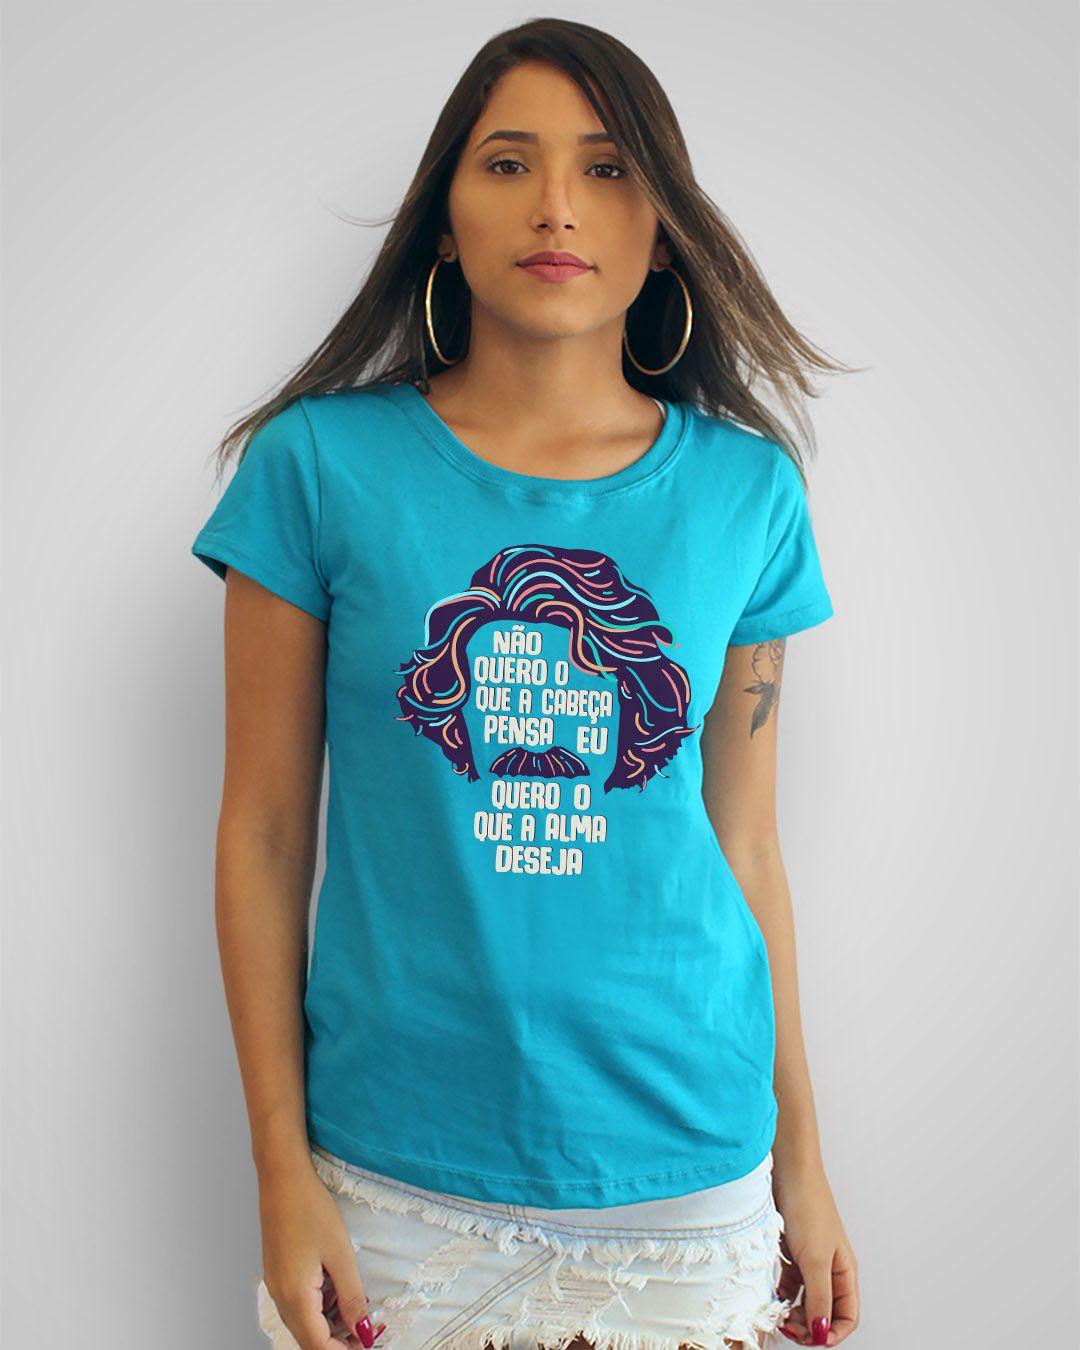 Camiseta Não quero o que a cabeça pensa, eu quero o que a alma deseja - Belchior